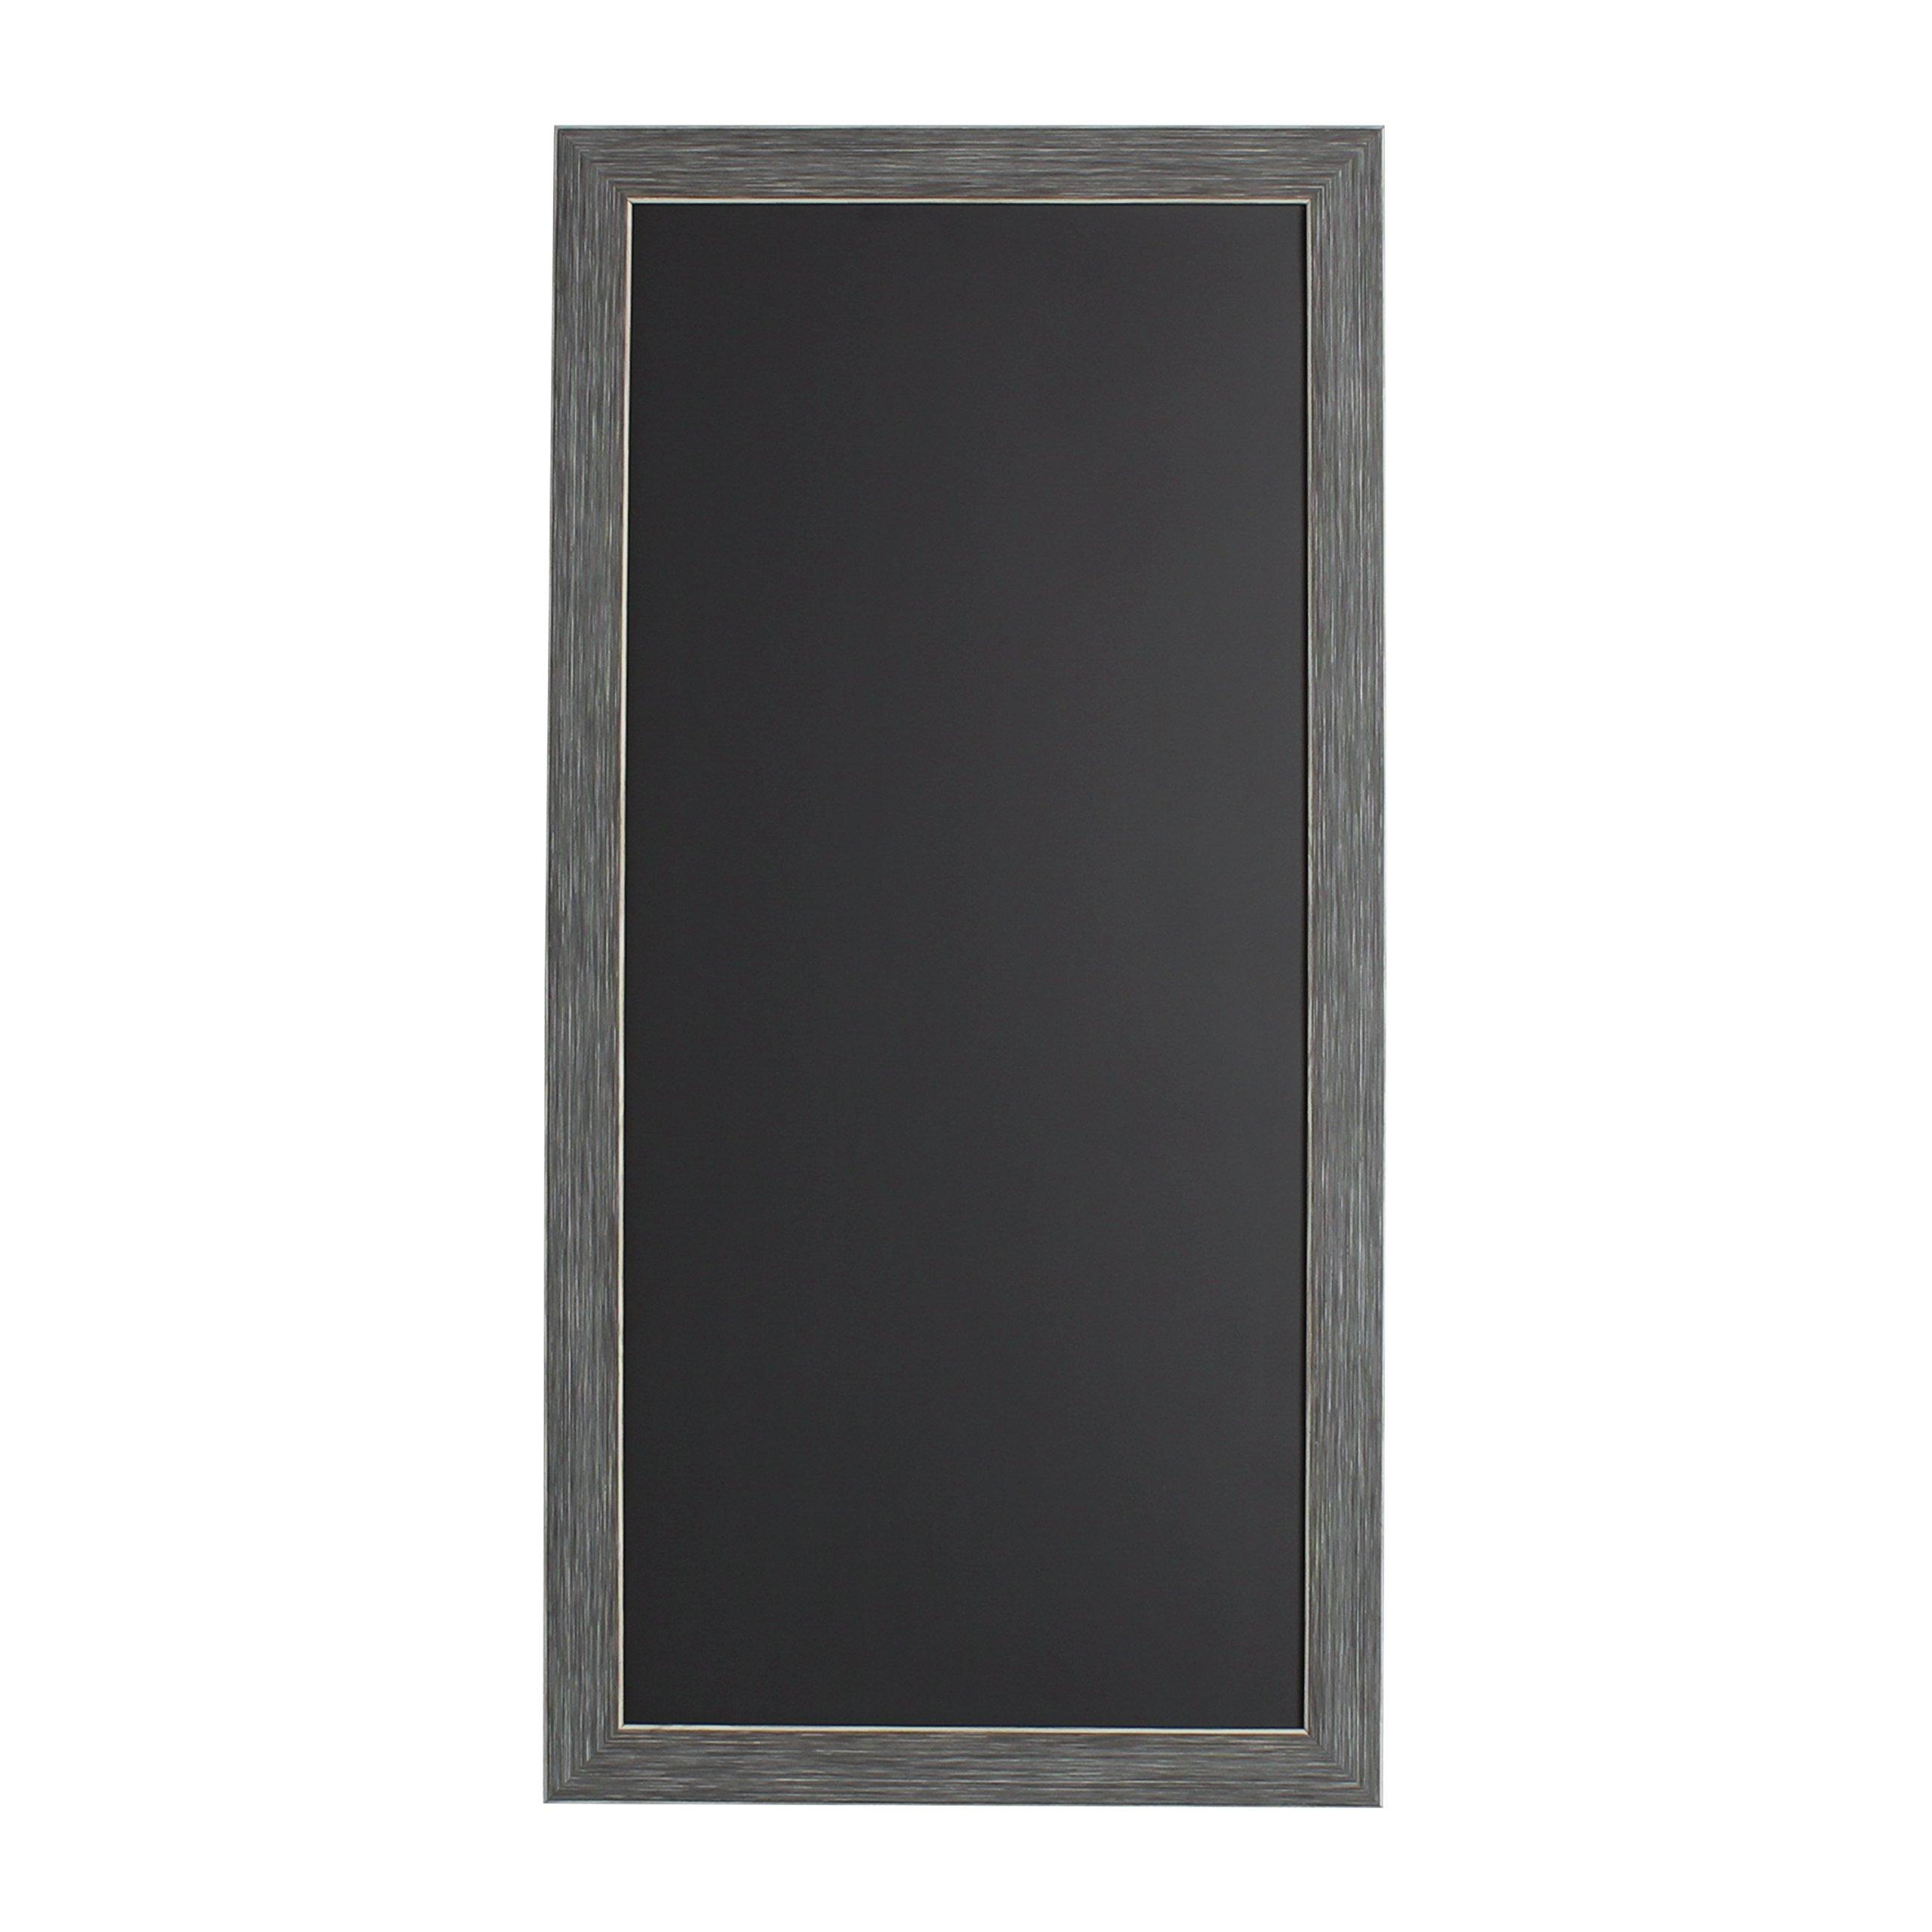 DesignOvation 210085 Wyeth Framed Magnetic Chalkboard Wall Organization Board, Gray